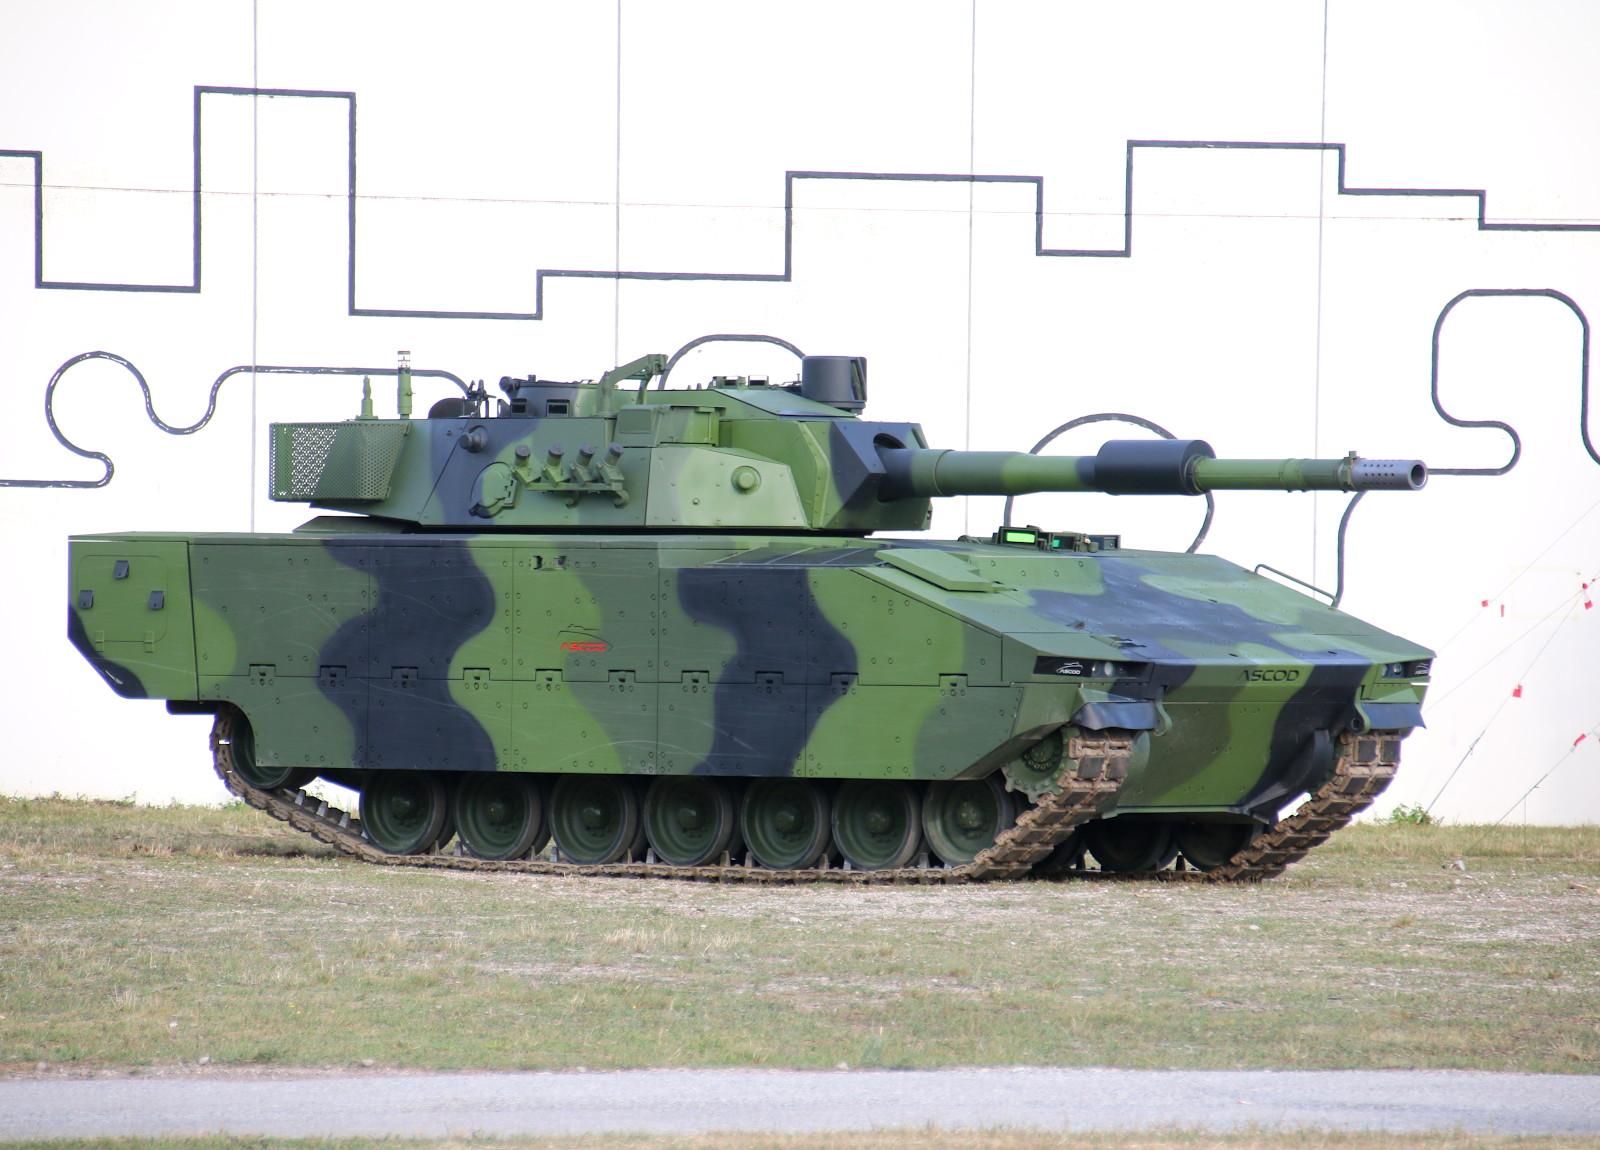 Werks-Prototyp des ASCOD Medium Main Battle Tank von GDELS Steyr © Doppeladler.com